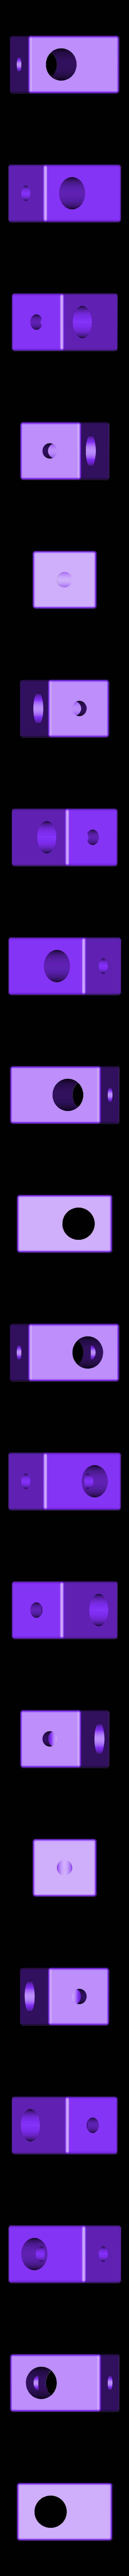 Bracket.STL Télécharger fichier STL gratuit Support de microscope • Plan imprimable en 3D, perinski